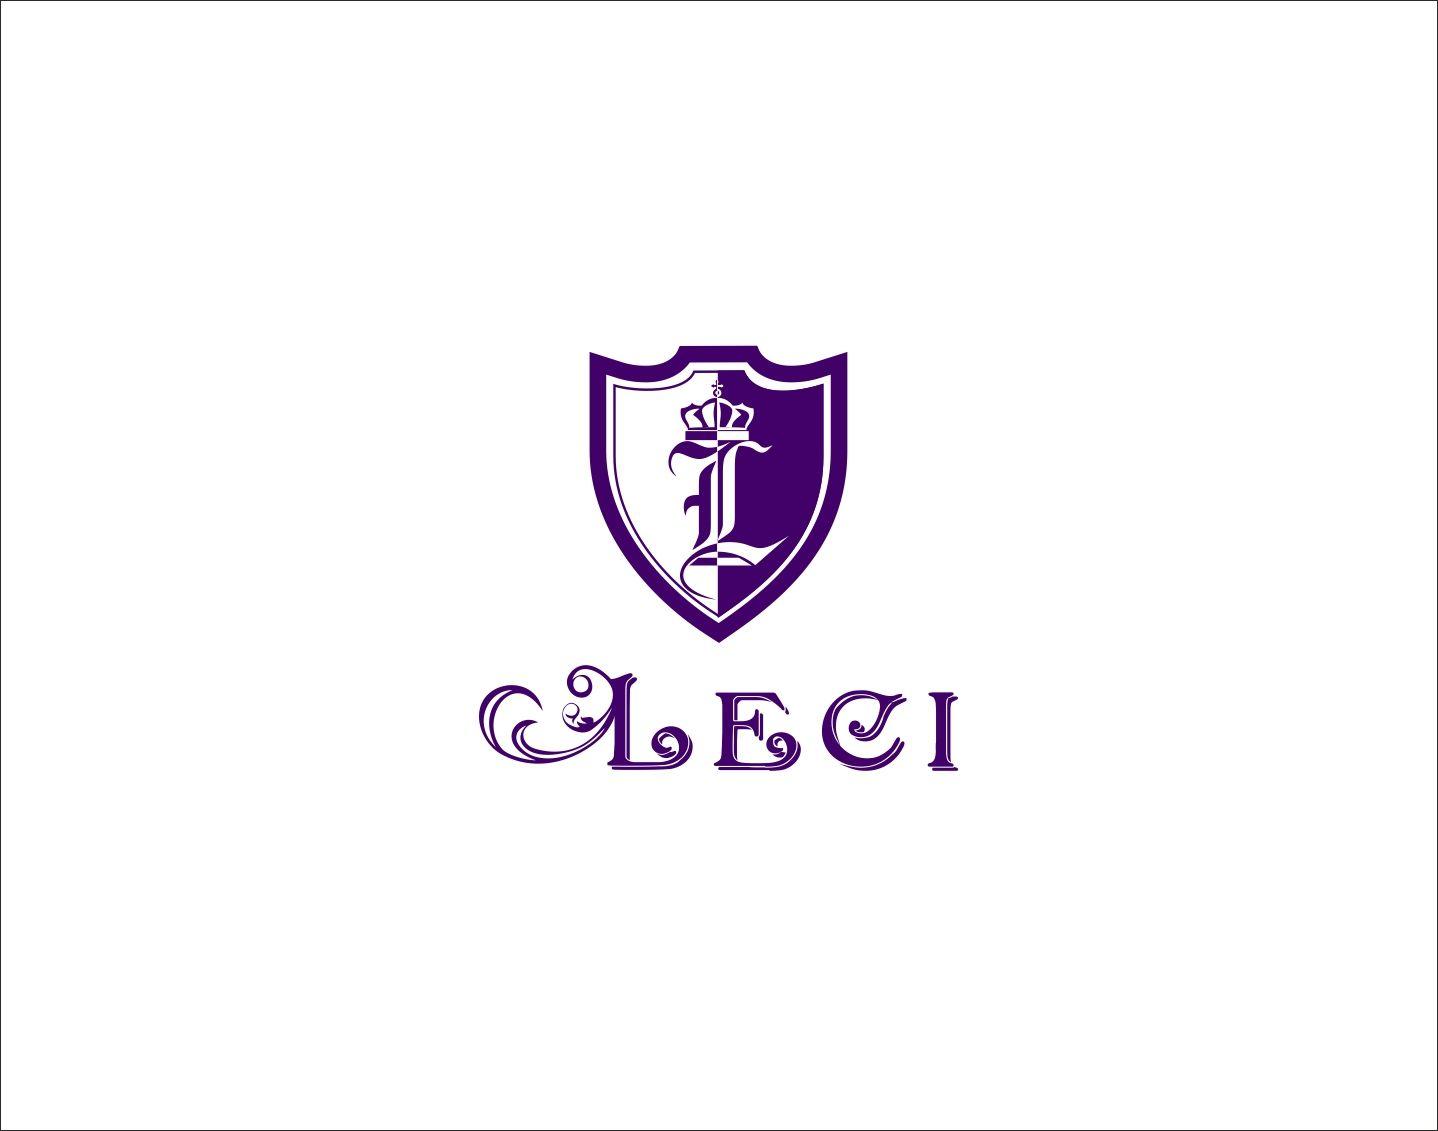 Лого для образовательного учреждения LECI  - дизайнер art-valeri